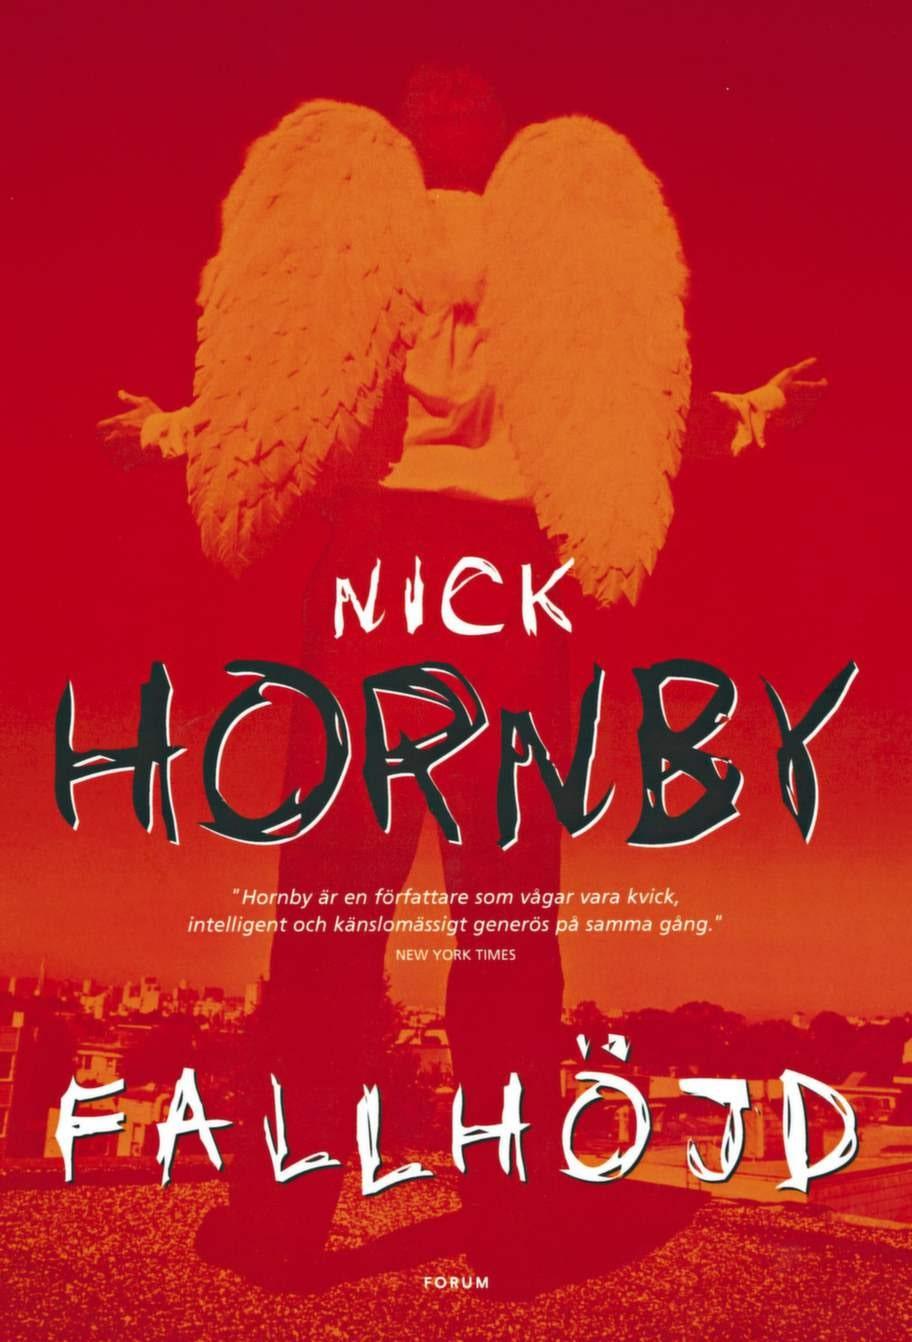 Fallhöjd av Nick Hornby, MånpocketHumoristisk och lättsam roman som på puttrigt, engelskt vis beskriver hur fyra personer, som inte känner varandra, träffas på ett tak med ett gemensamt mål: de tänker hoppa för nu har de tröttnat på livet. Men saker händer och självklart hoppar de inte, utan fortsätter lättade sina liv - trots att de inte är perfekta.